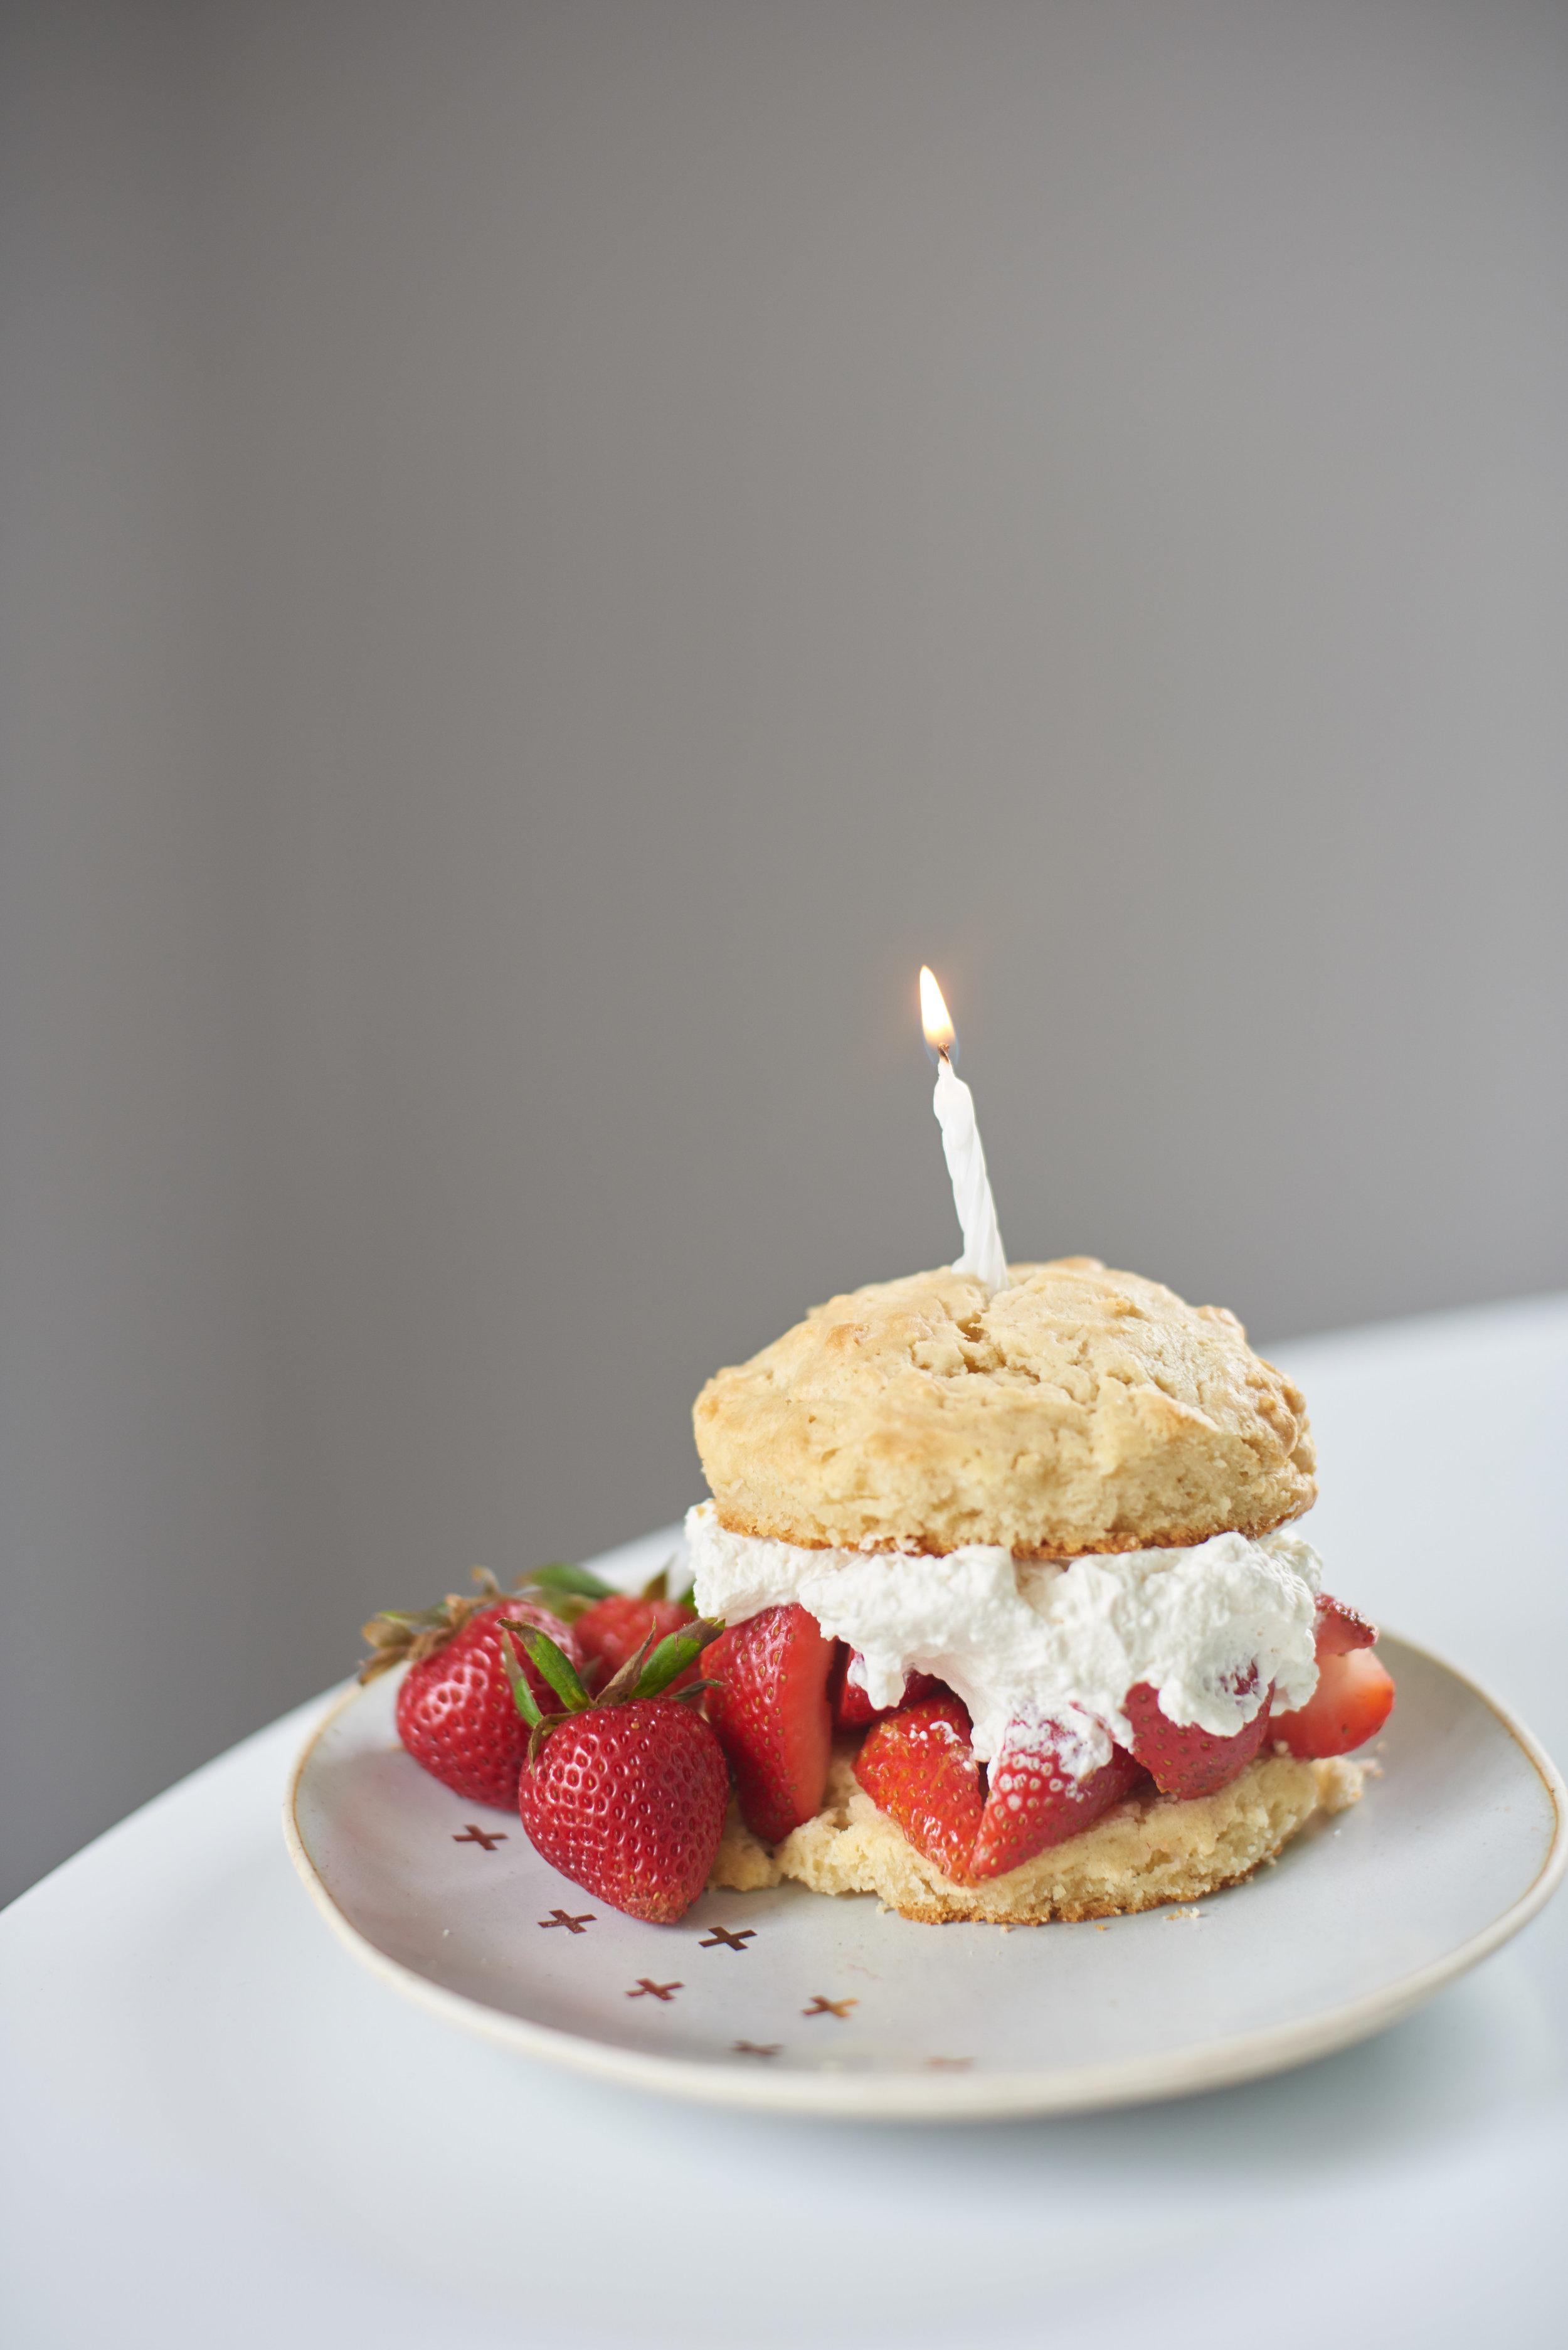 StrawberryShortcake 17.jpg